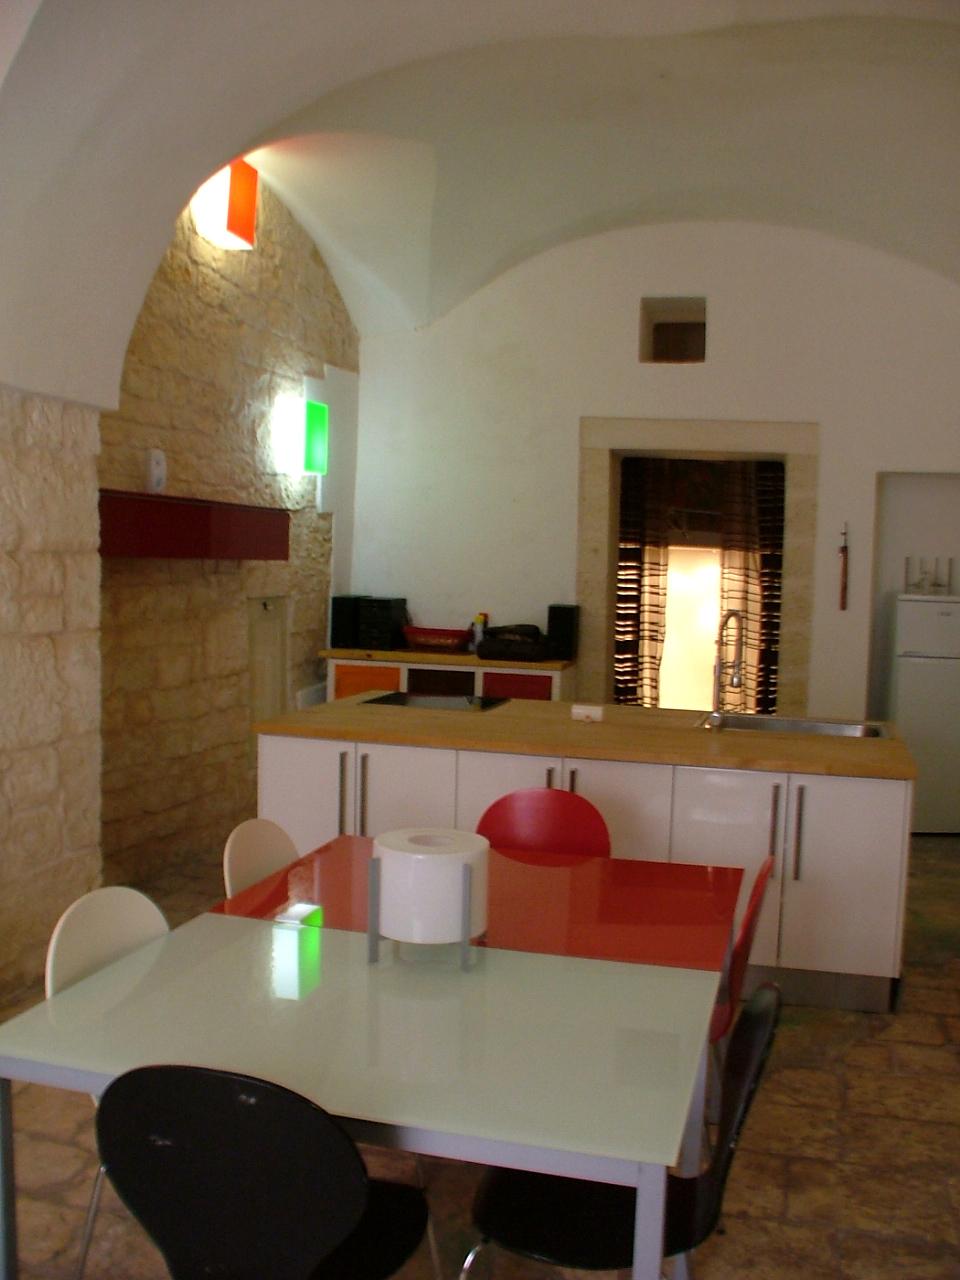 Soluzione Indipendente in vendita a Ostuni, 3 locali, prezzo € 130.000 | Cambio Casa.it